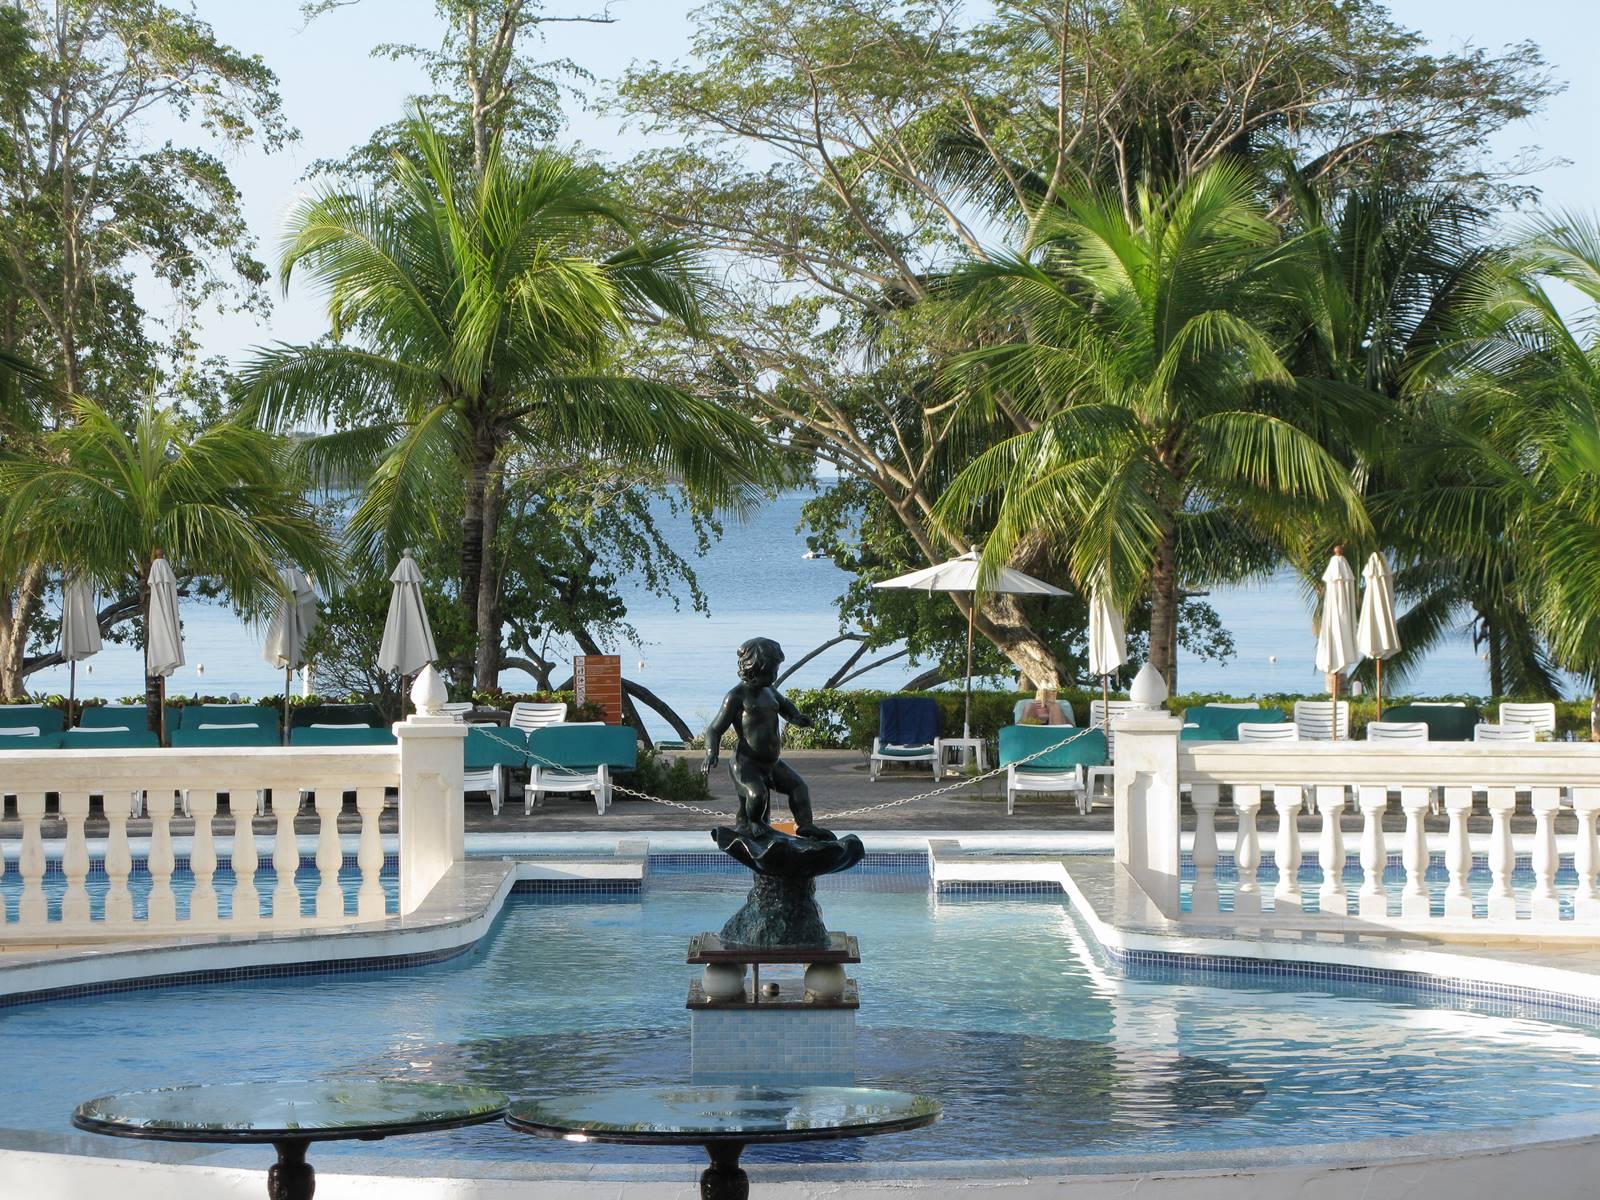 Jamaique Caraibes (16)